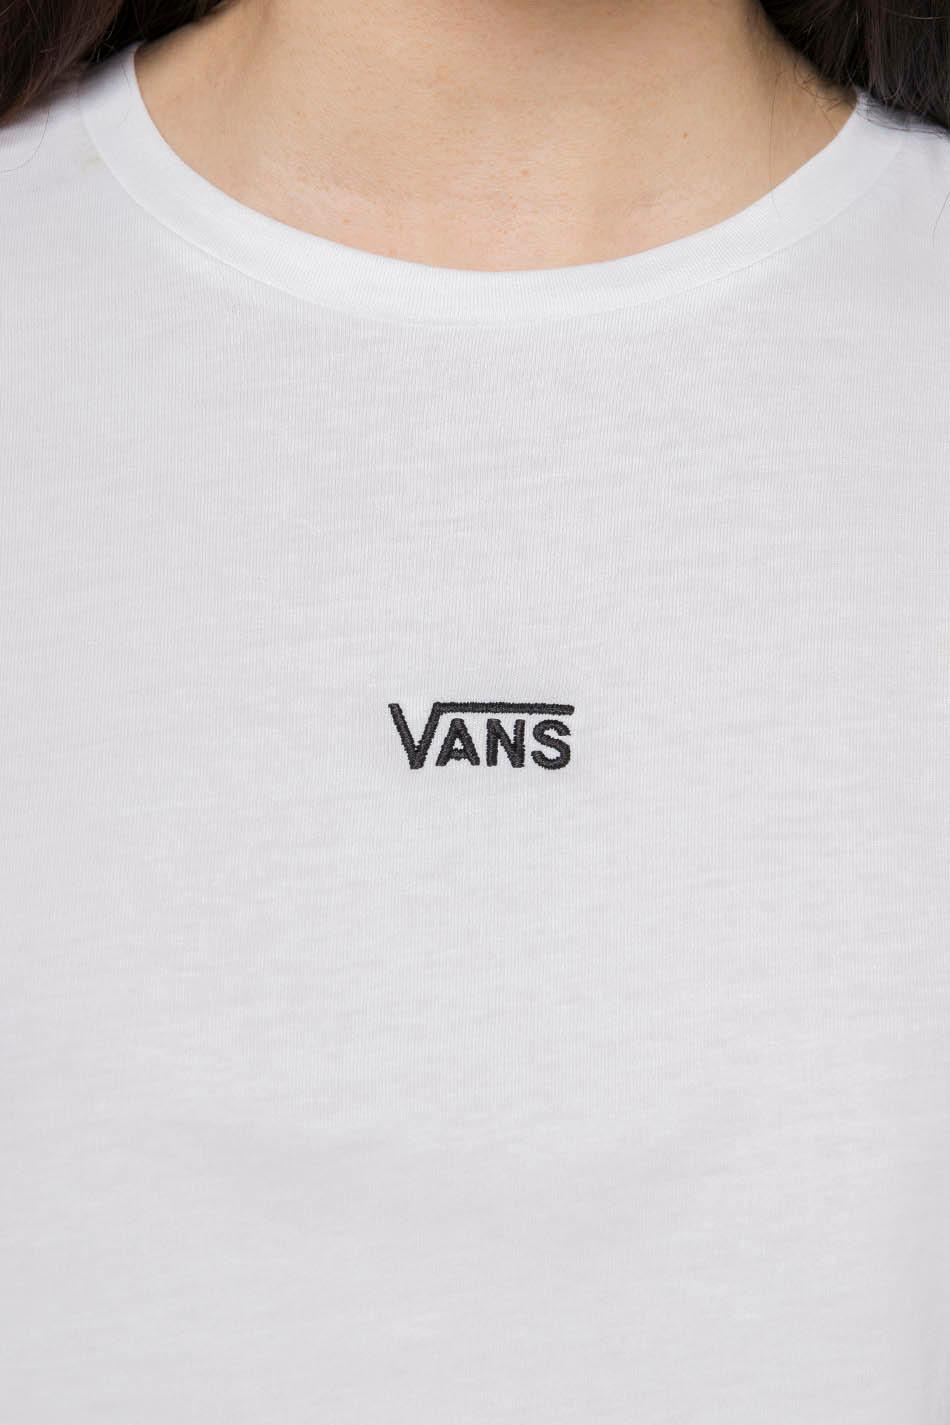 Vans Flying V Crop T-shirt